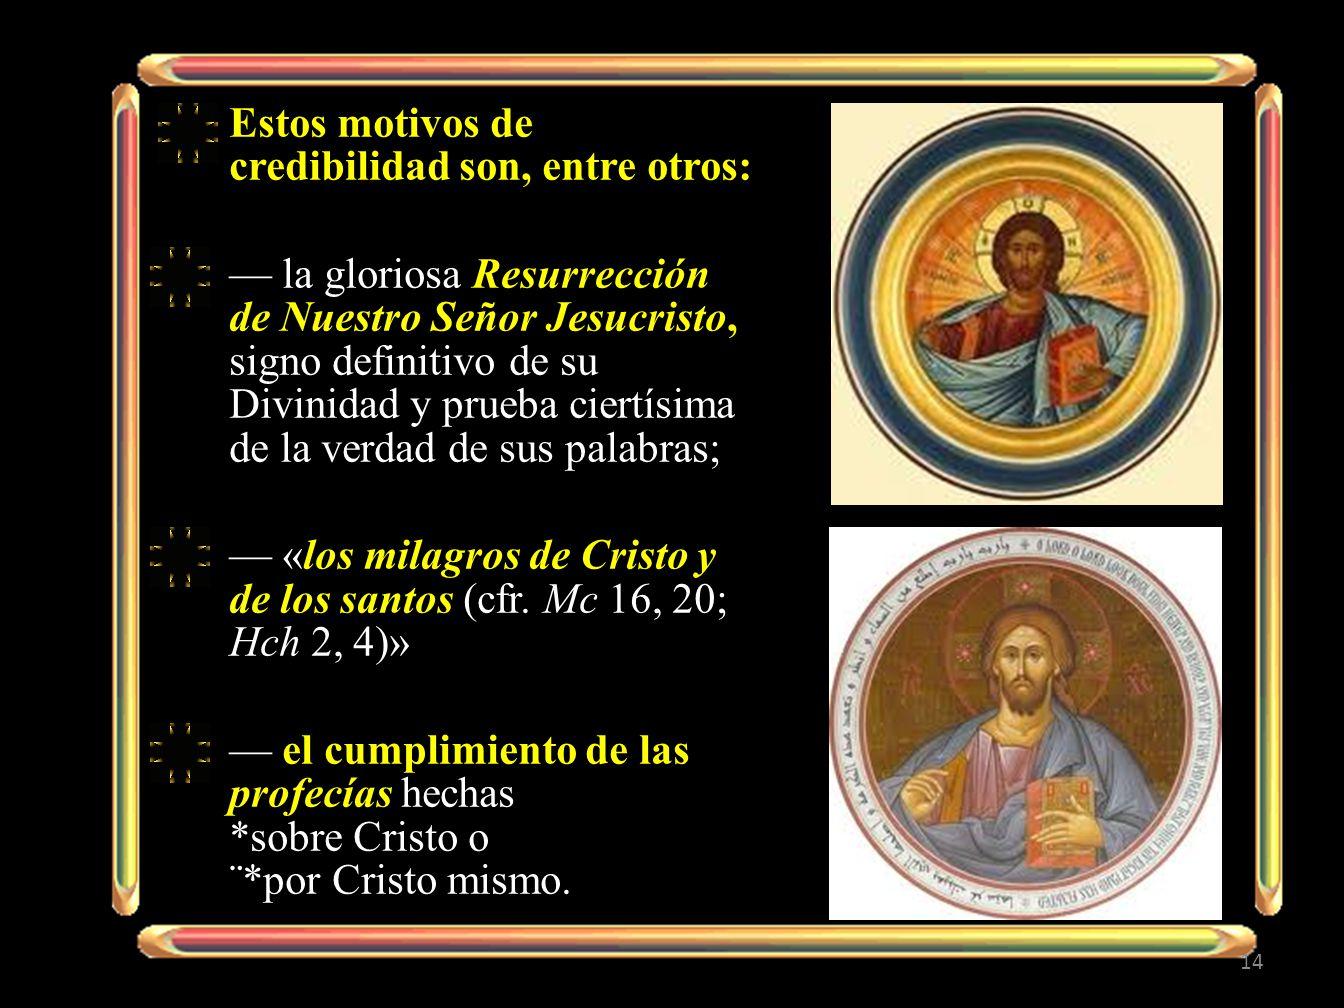 Estos motivos de credibilidad son, entre otros: la gloriosa Resurrección de Nuestro Señor Jesucristo, signo definitivo de su Divinidad y prueba ciertí